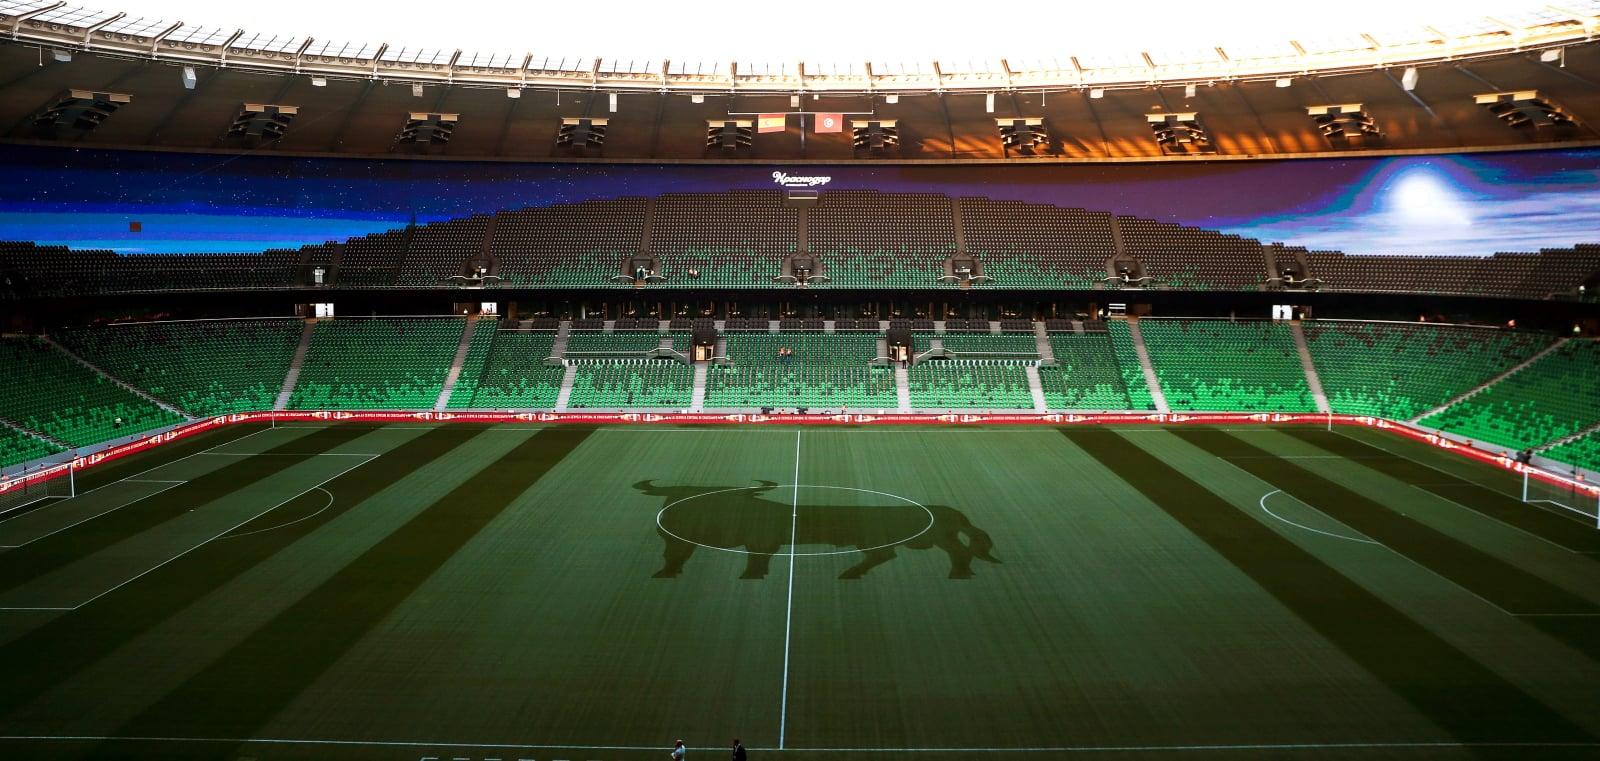 Stadion w Krasnodarze gotowy na pierwszy mecz Mistrzostw Świata w piłce nożnej.